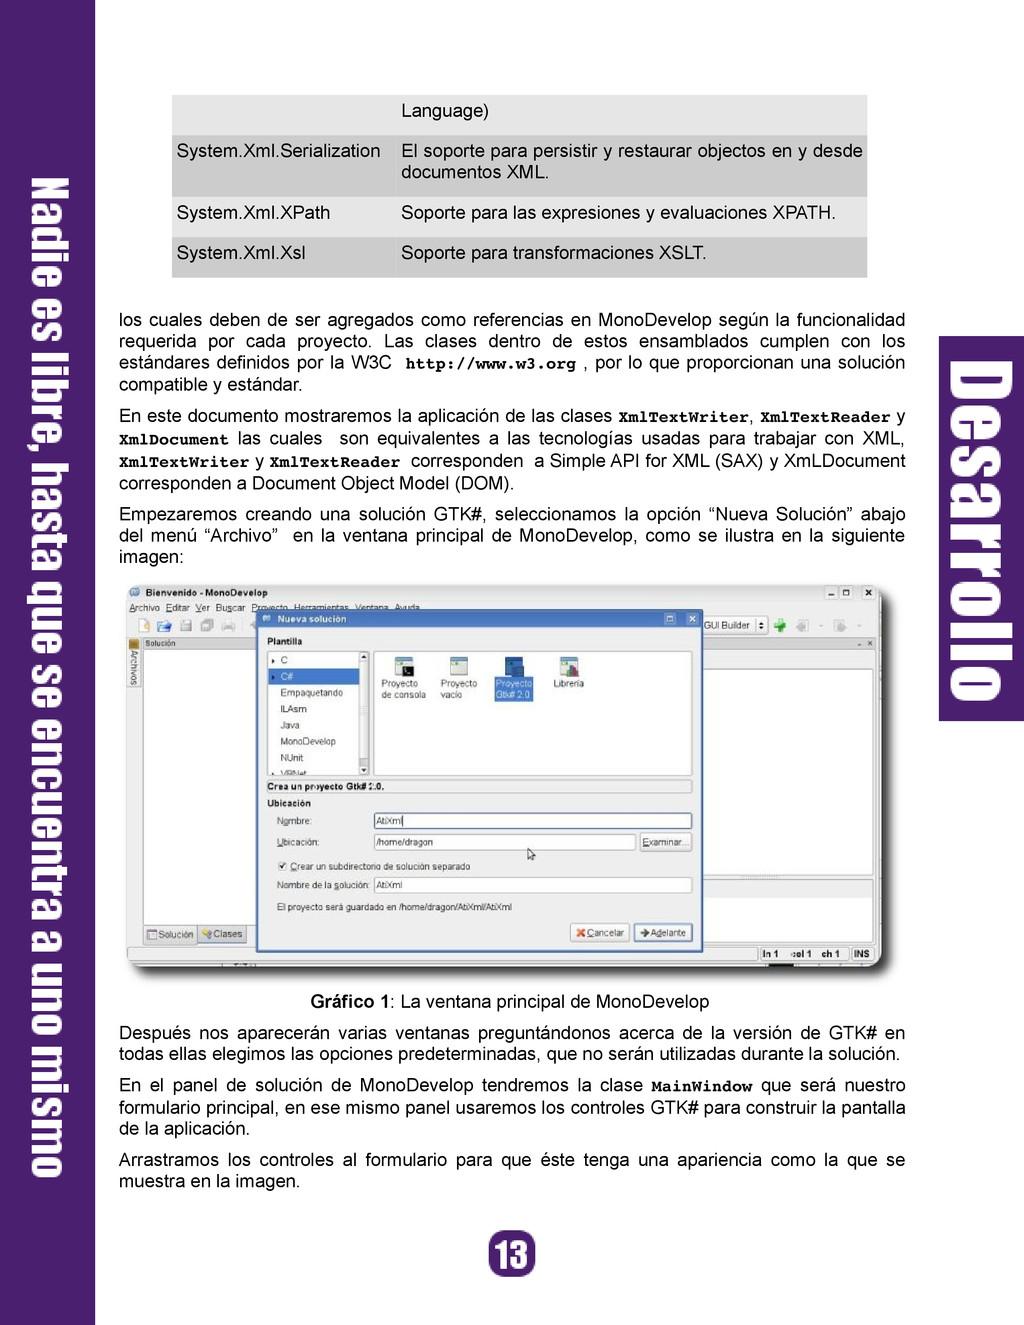 Language) System.Xml.Serialization El soporte p...